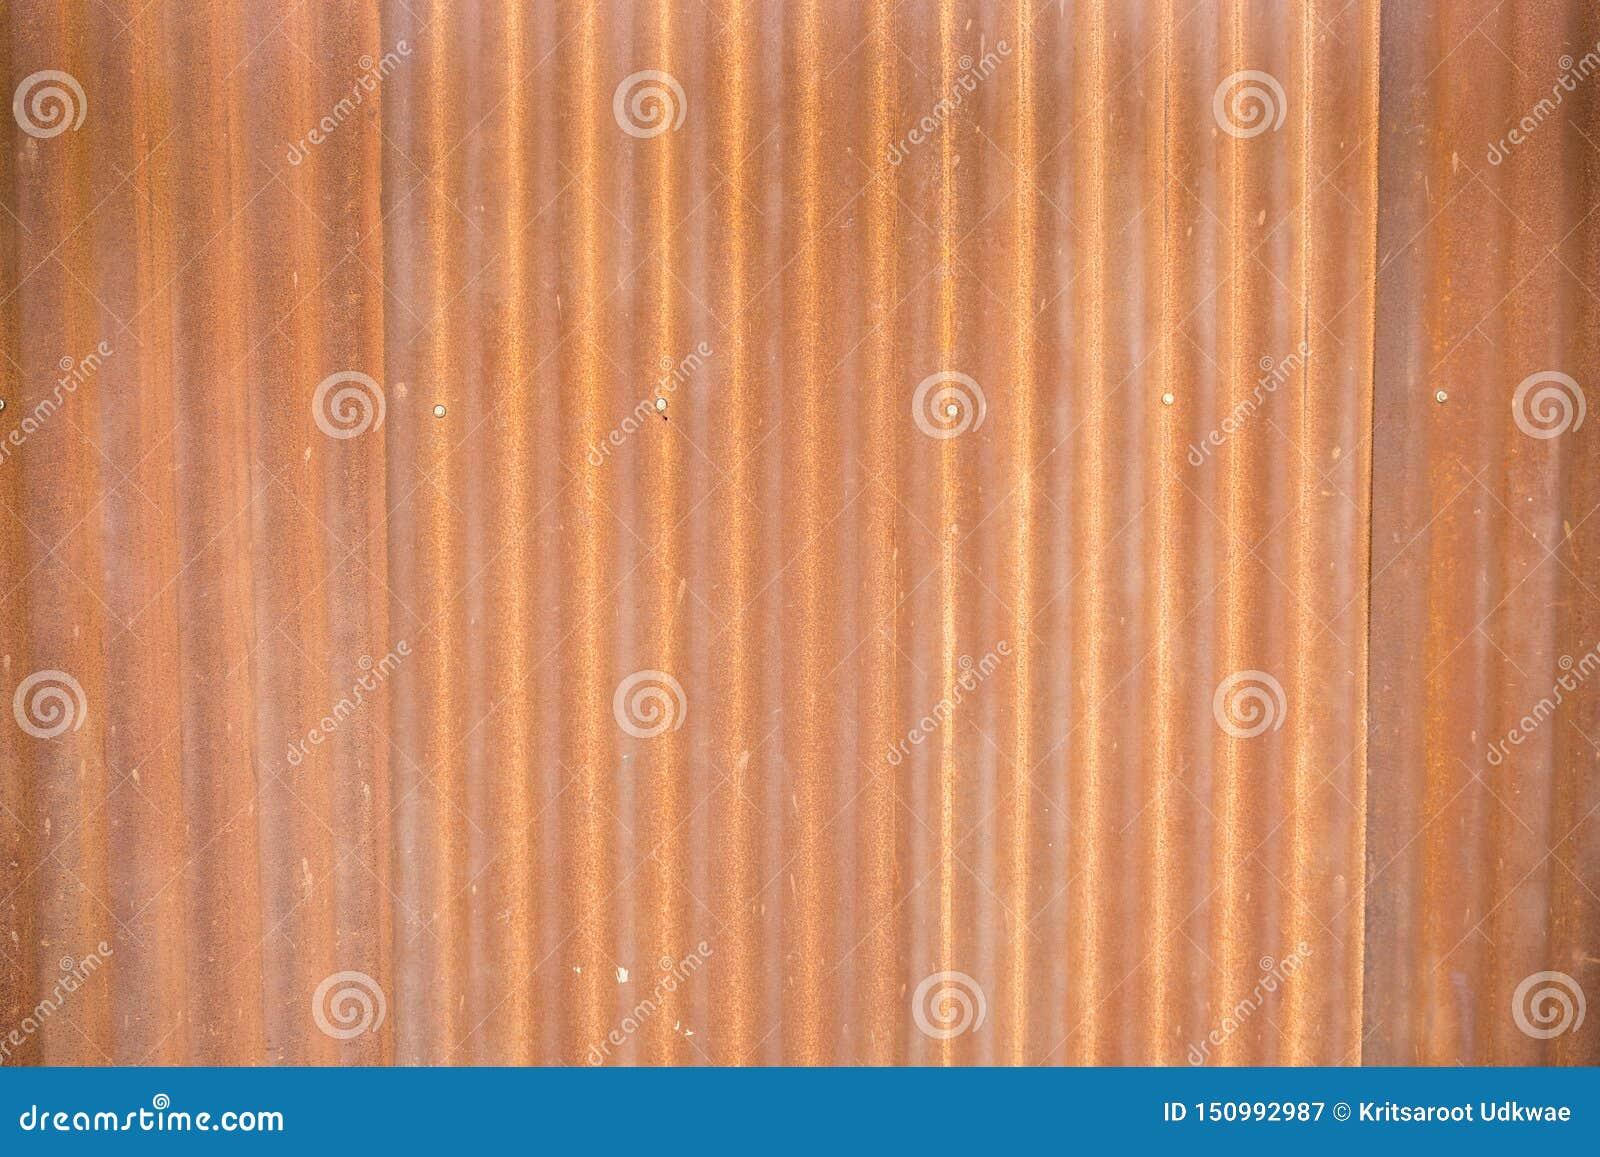 Ржавчина на металлическом листе Обои металла ржавчины